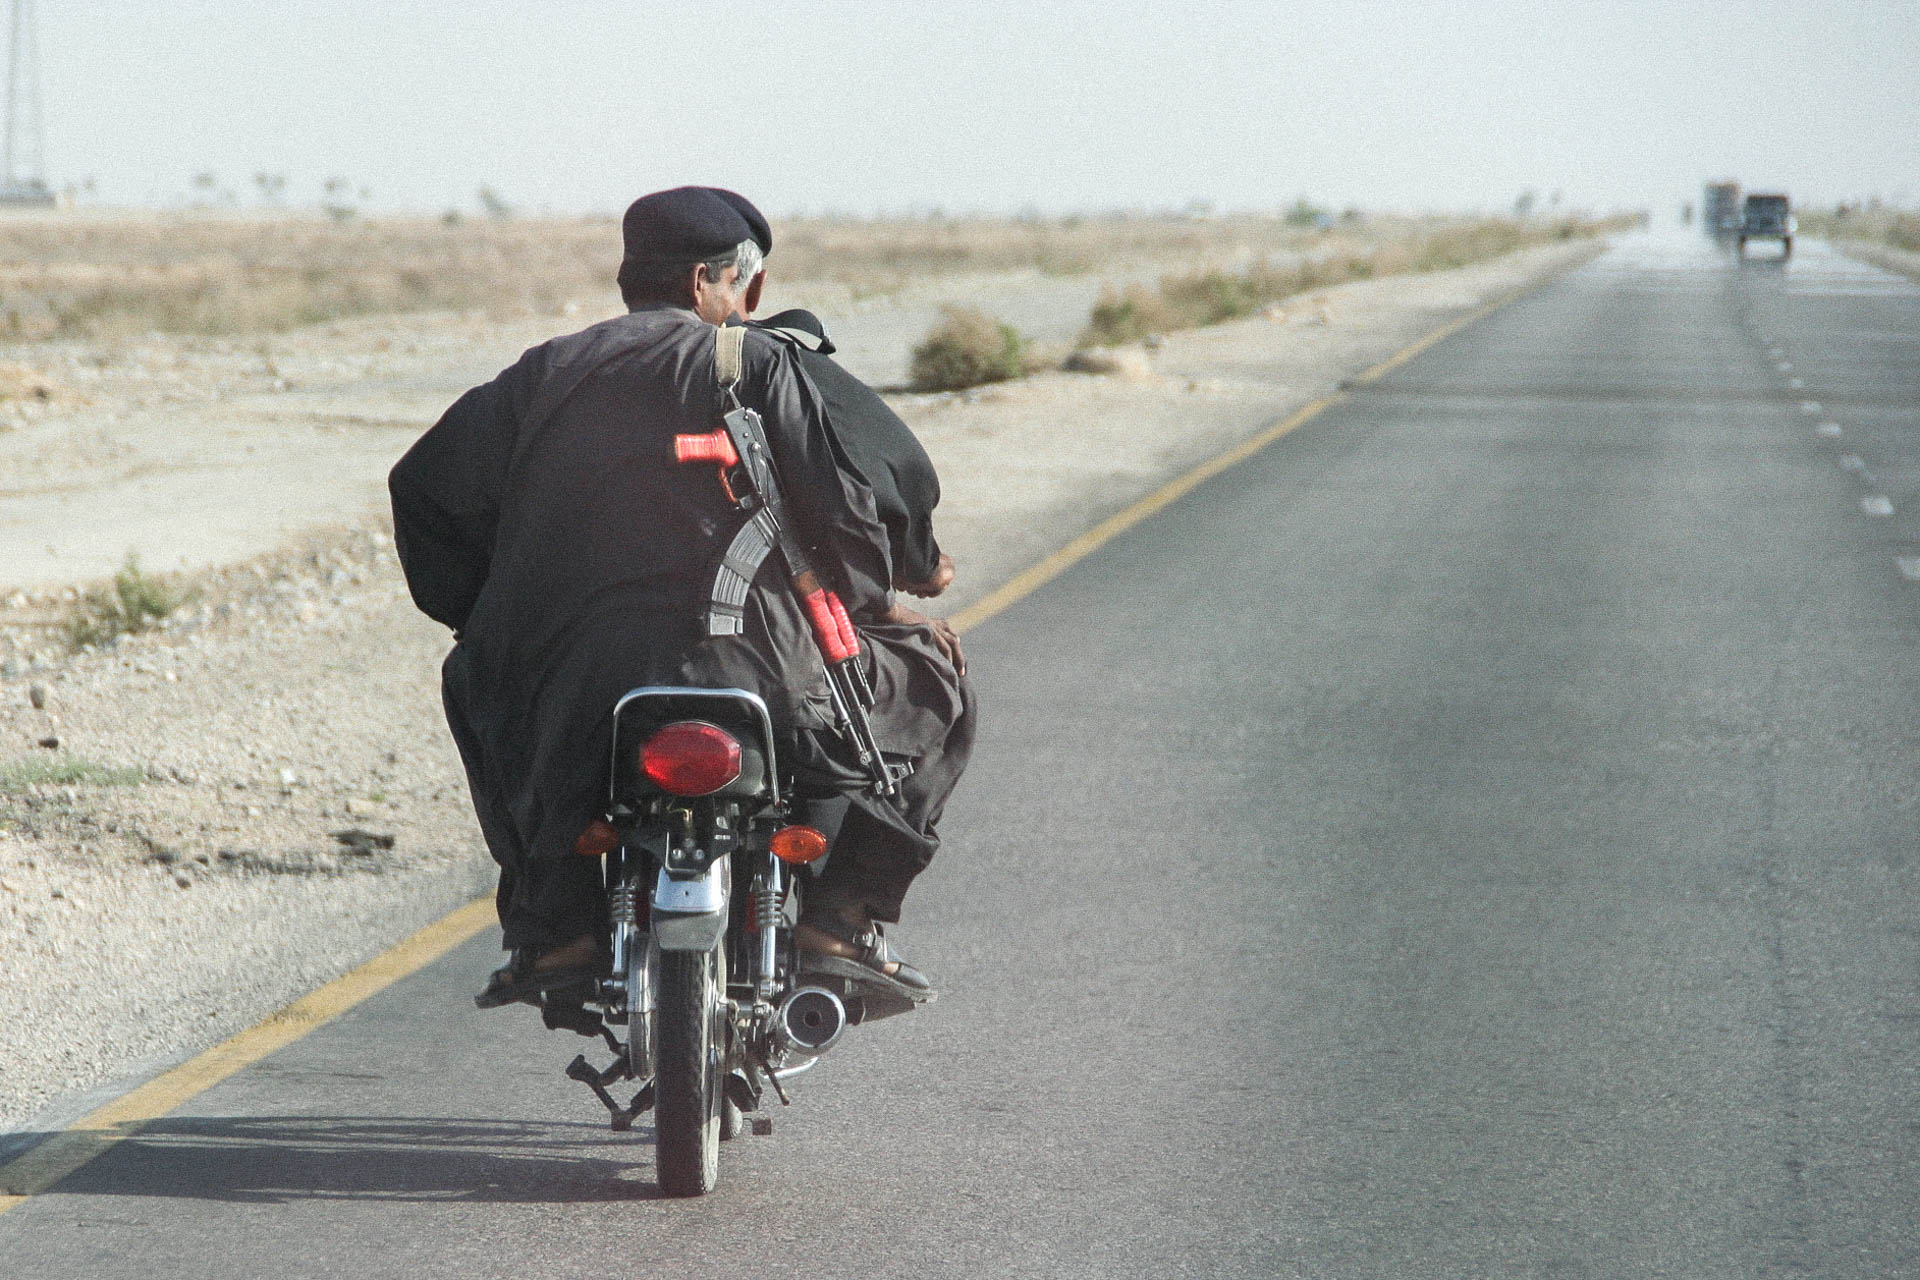 Motorradfahrer mit Maschinengewehr